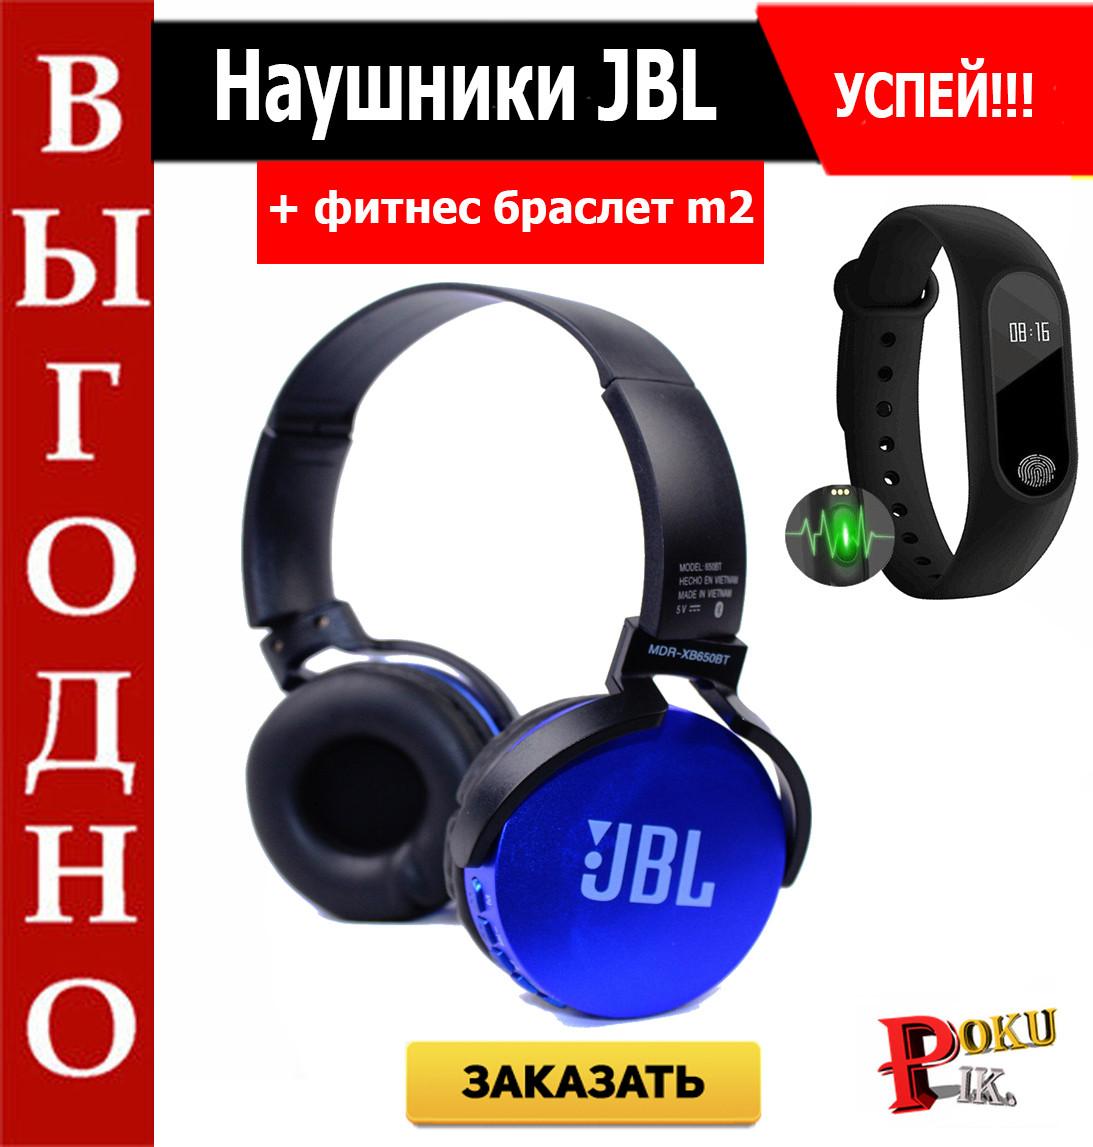 Беспроводные наушники в стиле JBL 650 Extra Bass+ФИТНЕС БРАСЛЕТ В ПОДАРОК